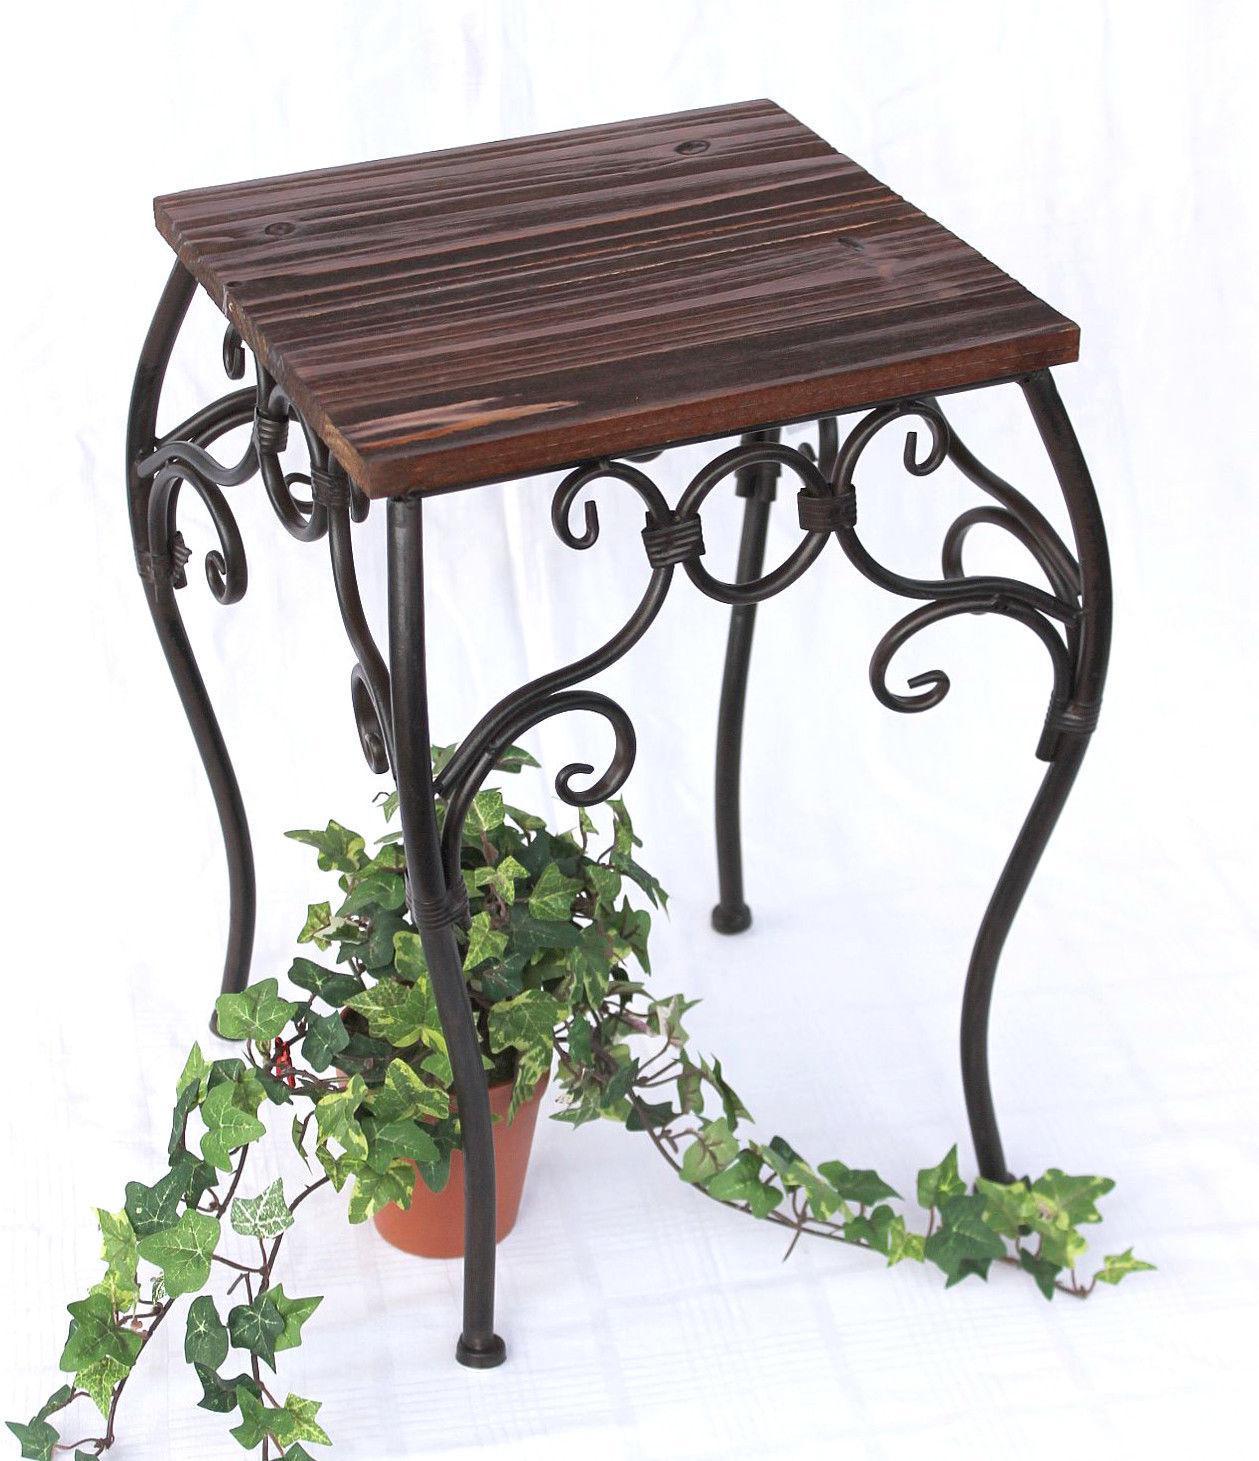 blumenhocker hx12593 blumenst nder 34 43cm eckig blumens ule tisch beistelltisch ebay. Black Bedroom Furniture Sets. Home Design Ideas